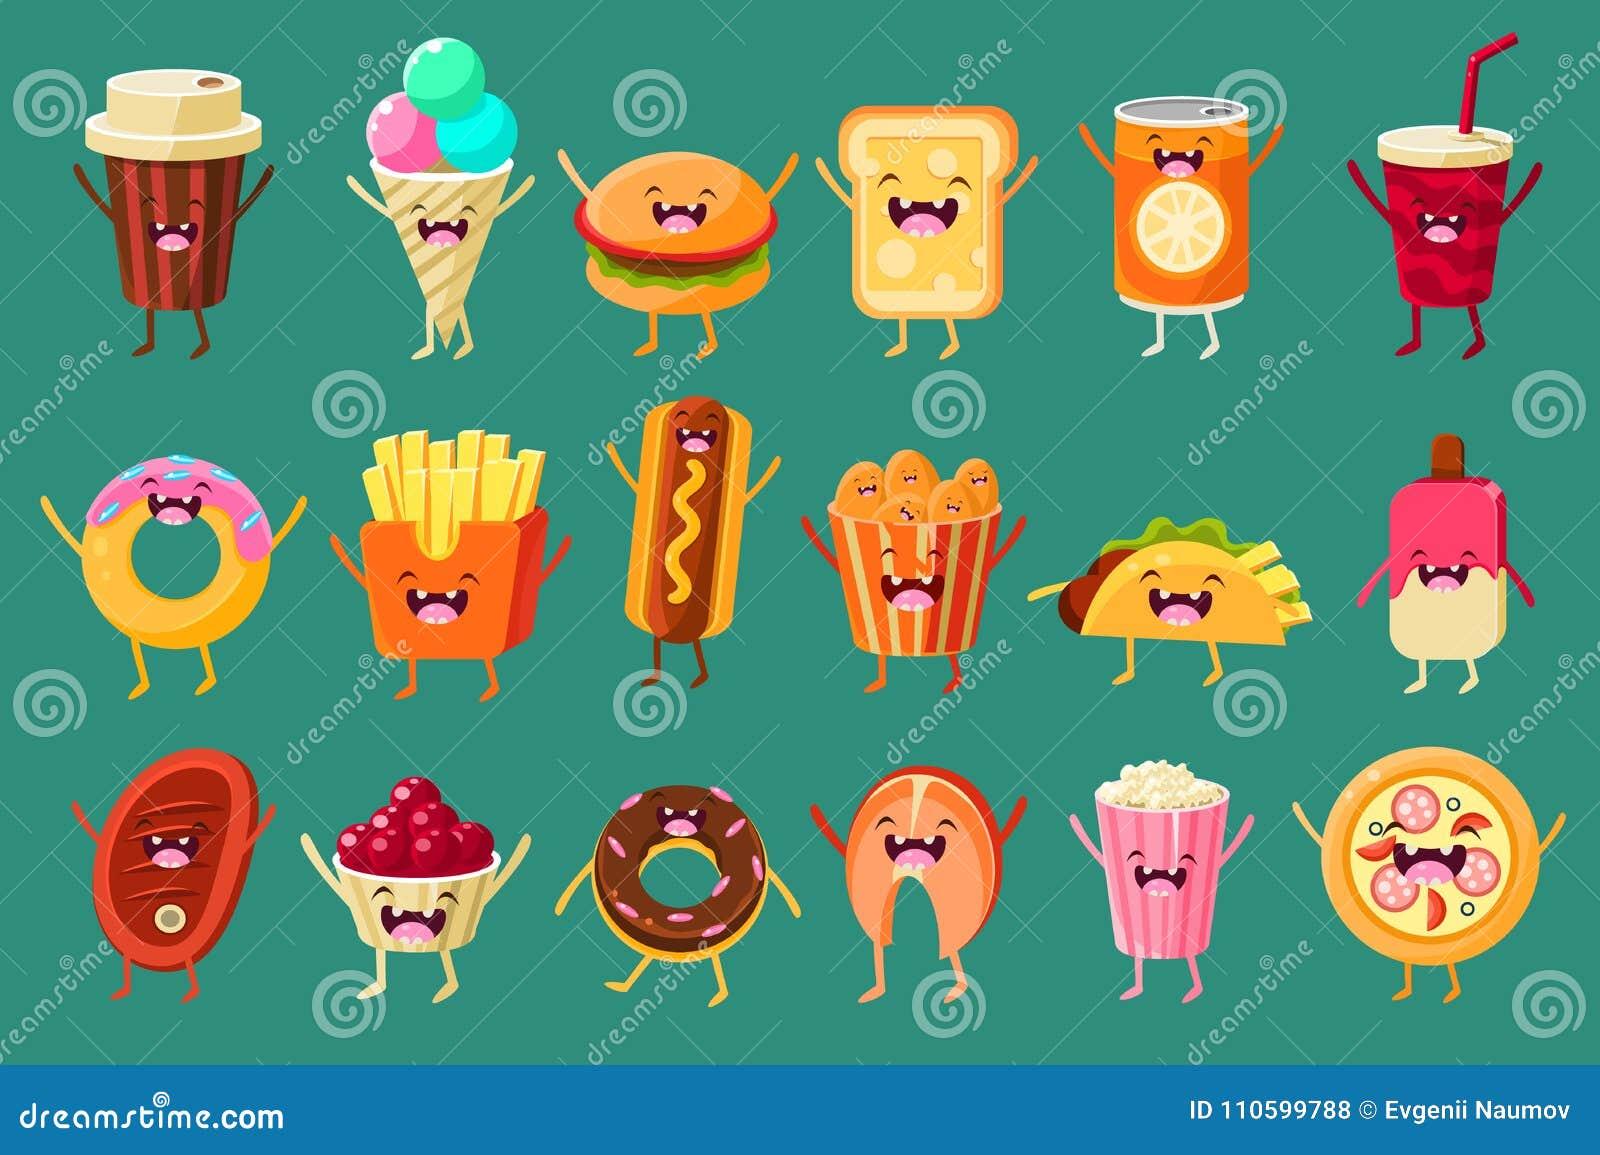 Caractères comiques drôles pavé, crème glacée, café, hot-dog, pizza, pommes frites, pain grillé, hamburger, boisson non alcoolisé